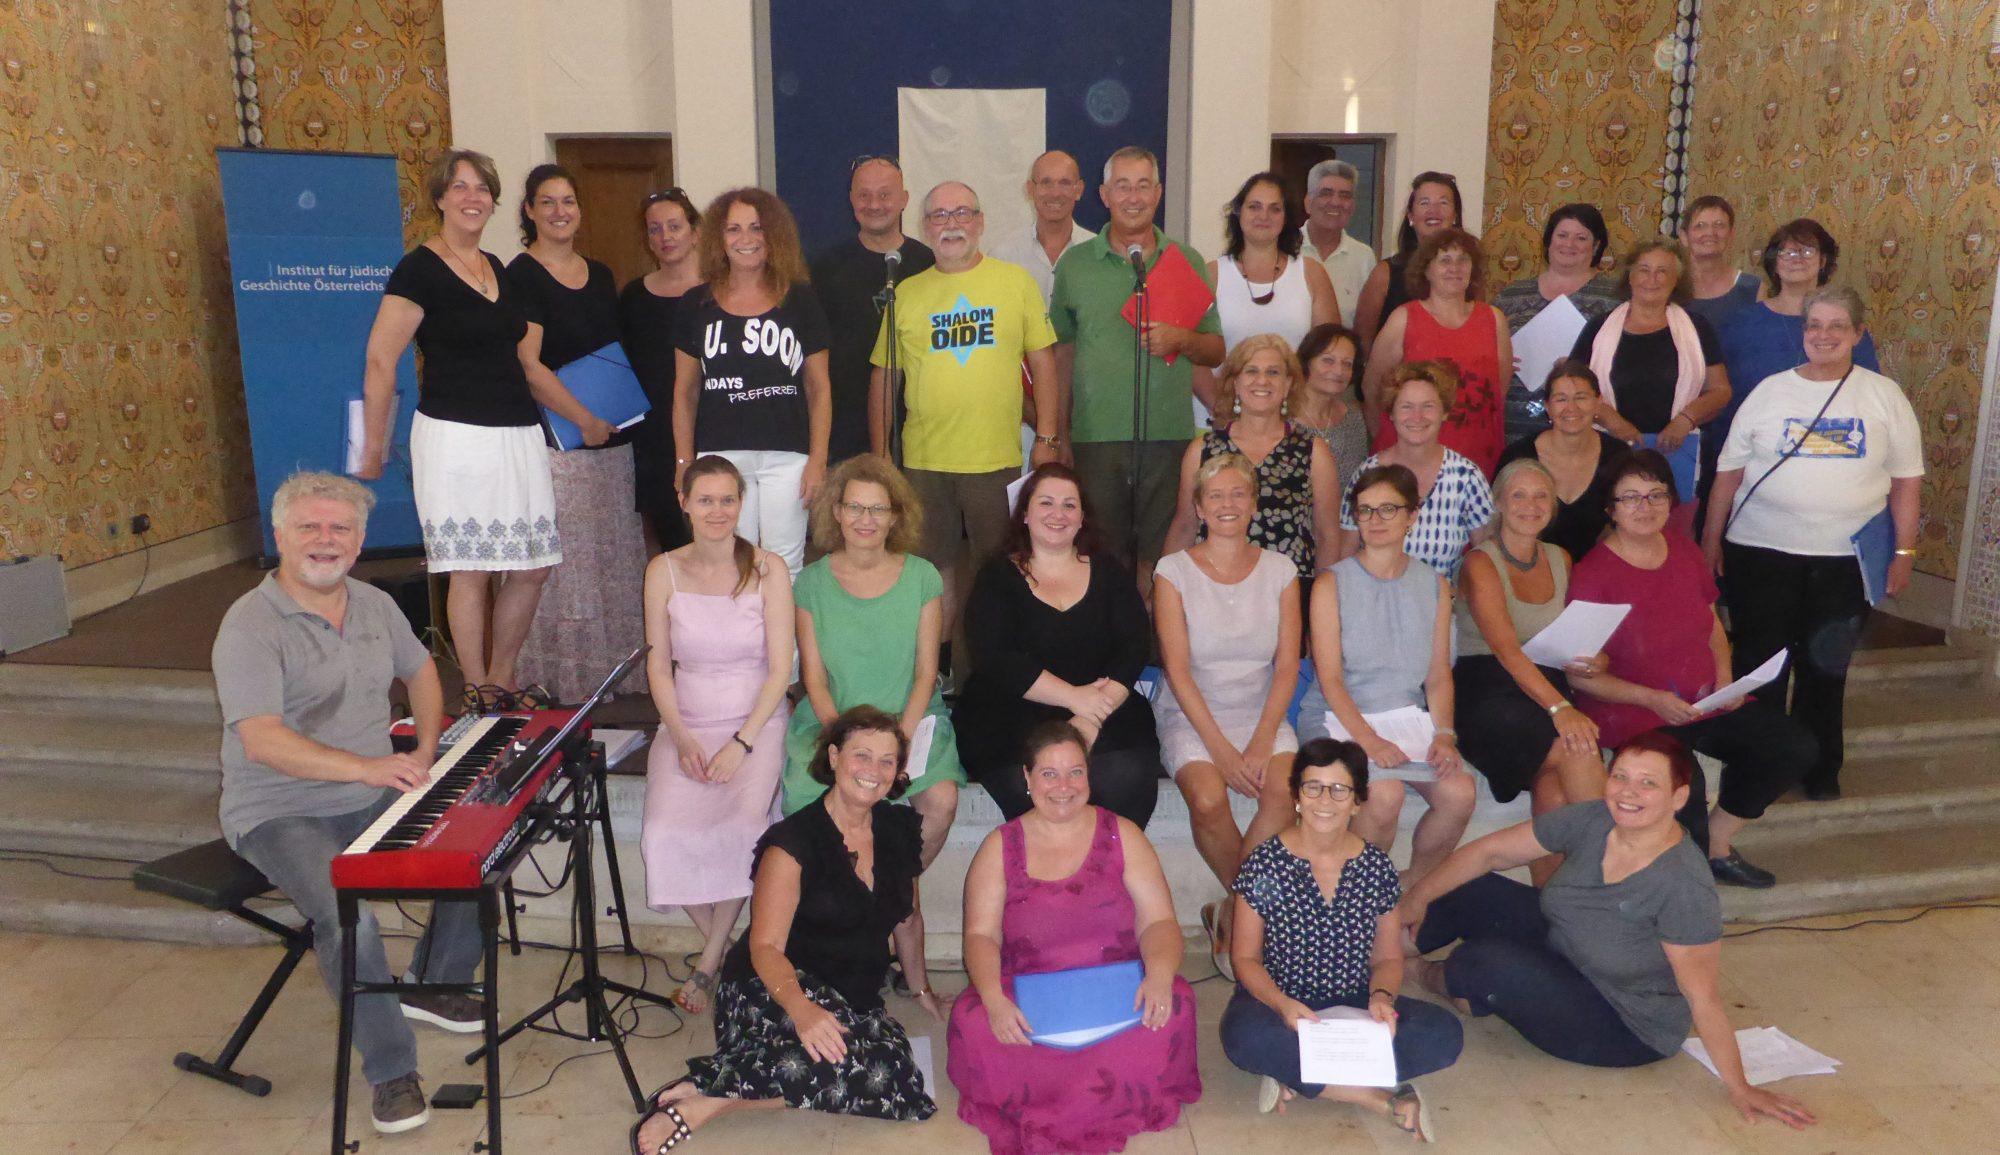 Gesangs-Workshop Synagoge St.Pölten, Roman Grinberg, 2018